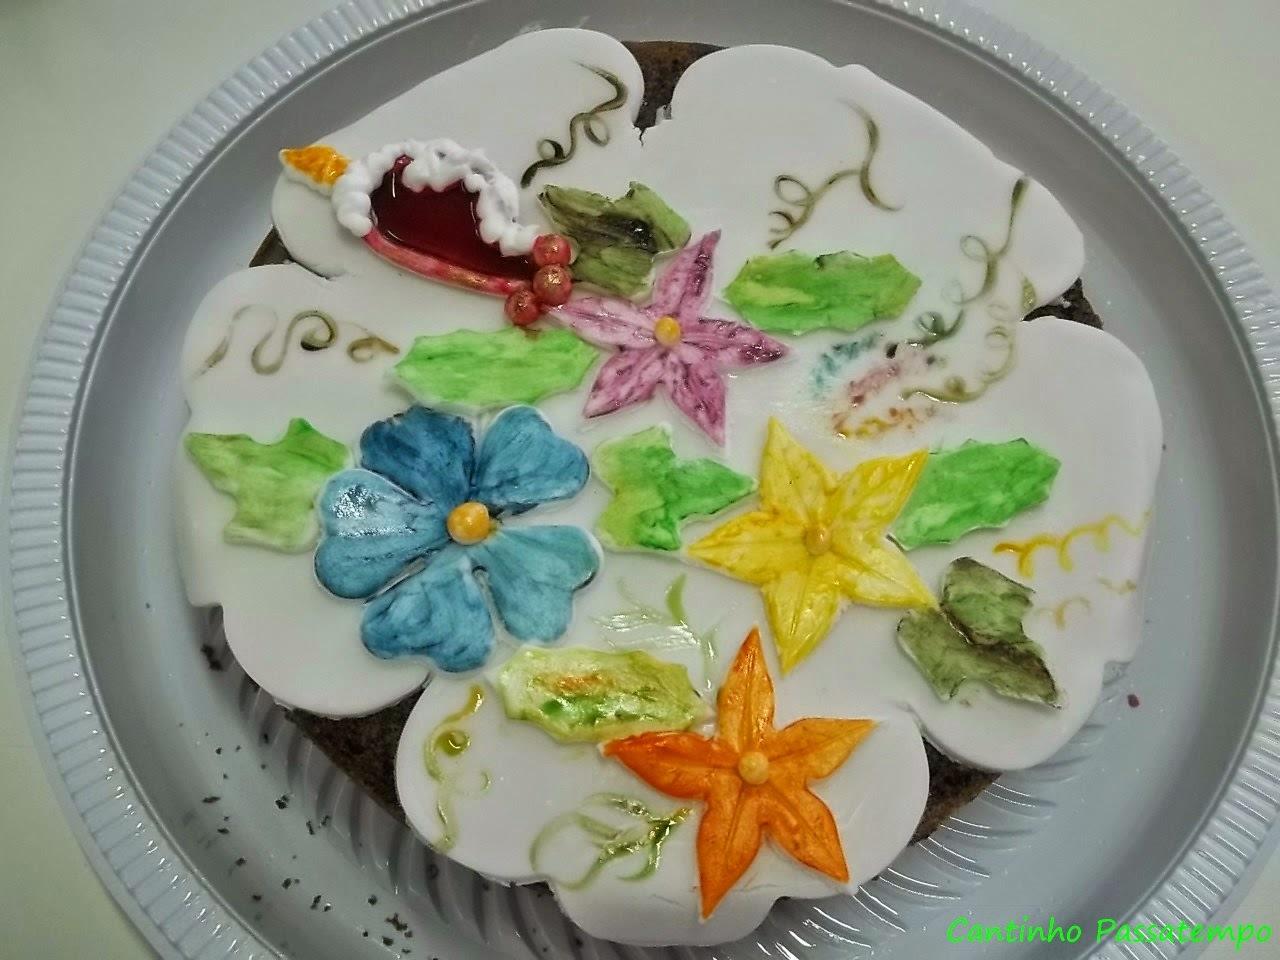 Curso de bolos natalinos - Cont.: